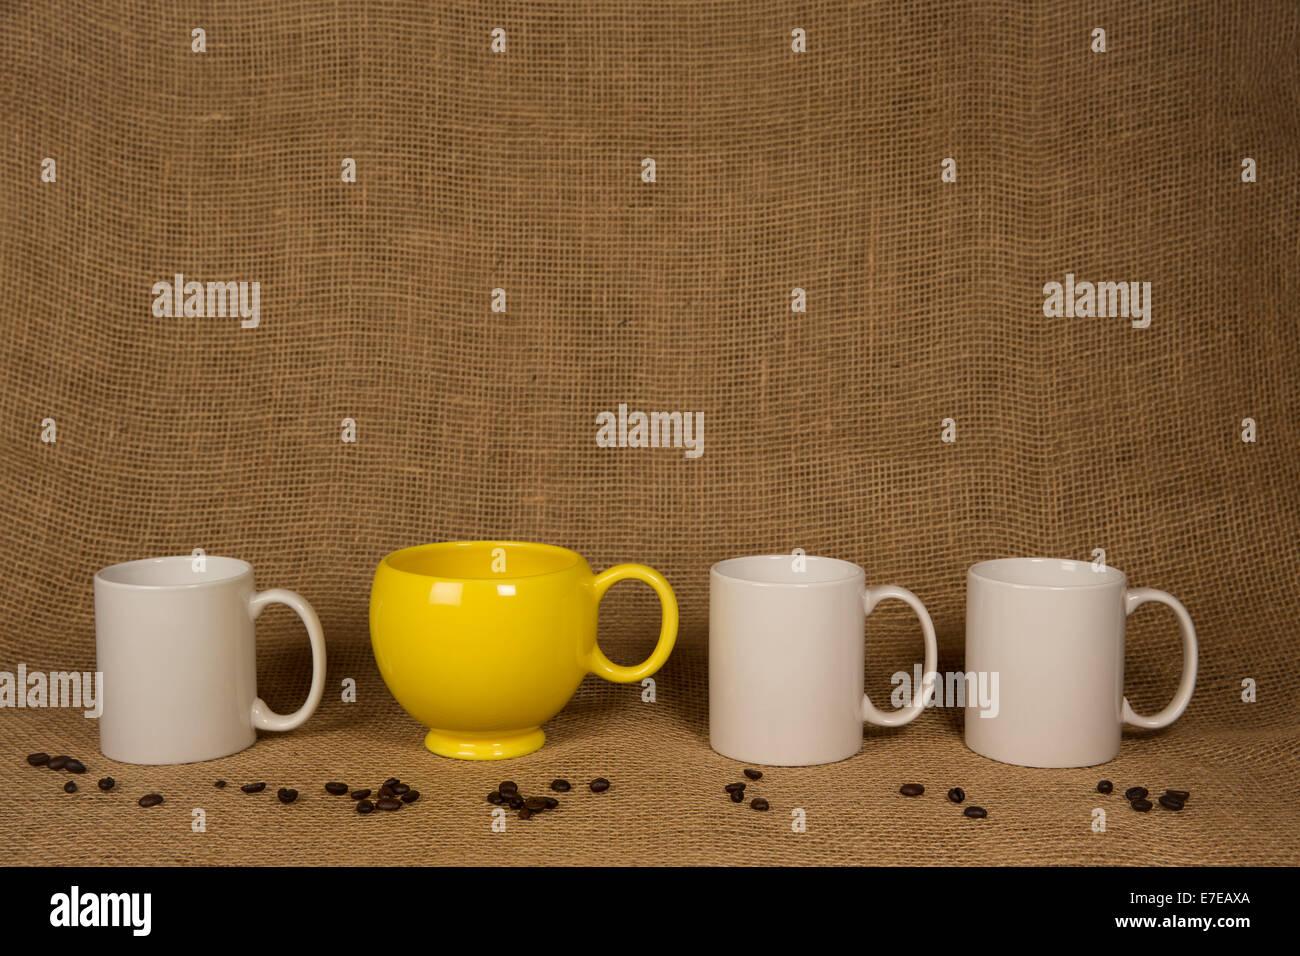 Fond tasse à café. Un mug jaune unique, trois blancs, les grains de café sur la toile de jute. Copie Photo Stock